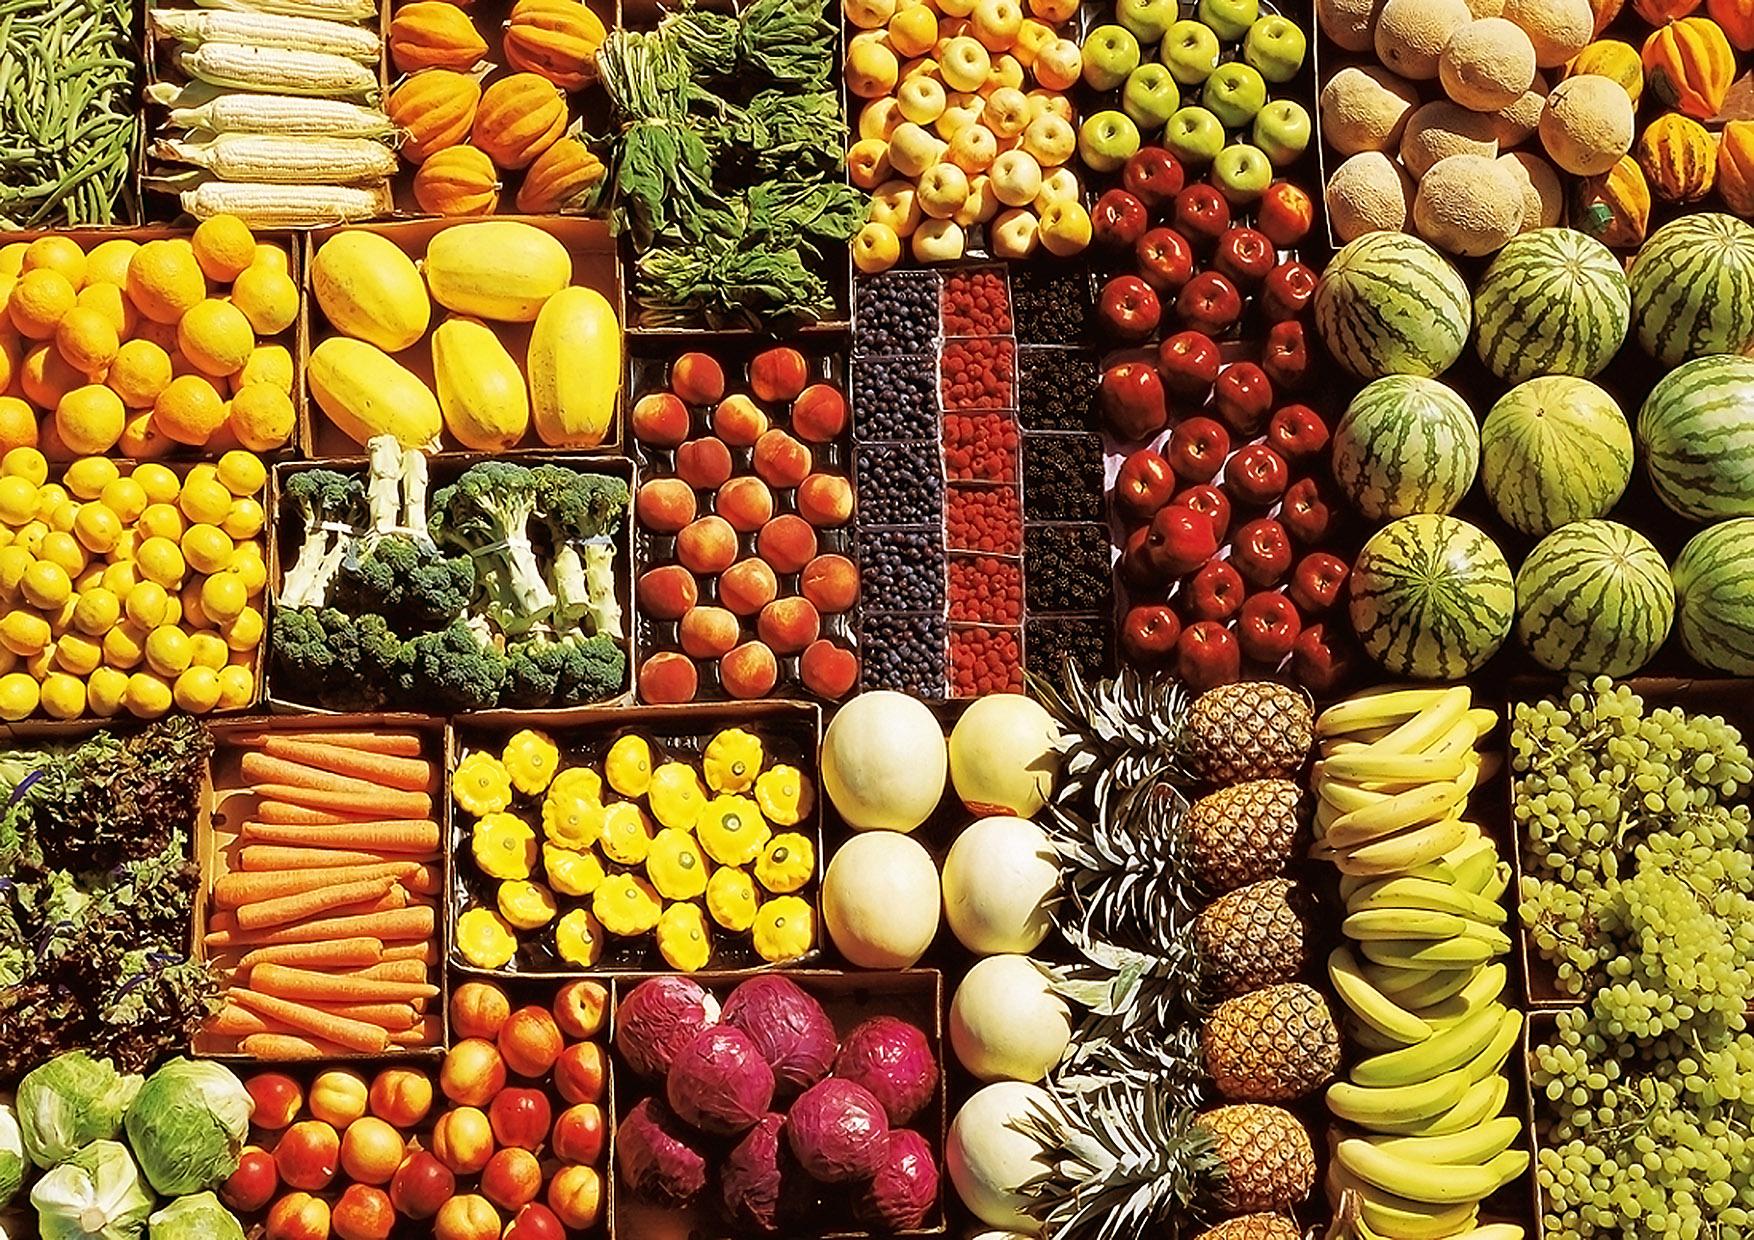 ТОП-9 фруктов и овощей, вредящих здоровью